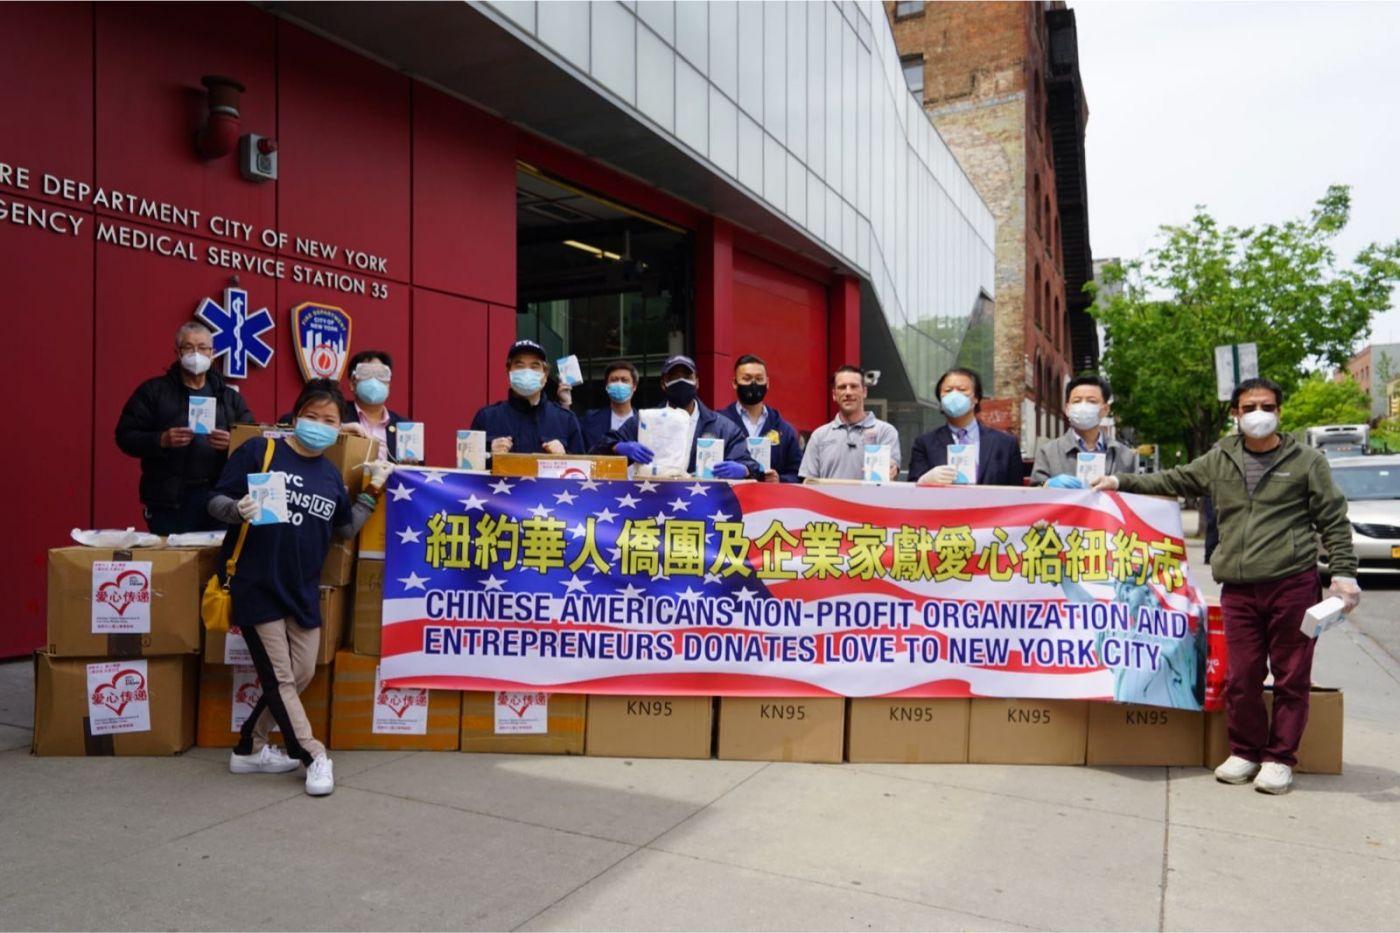 紐約華人僑團及企業家獻愛心捐贈防護物资給市消防局协助抗擊COVID-19疫情 ... ... ... ..._图1-1